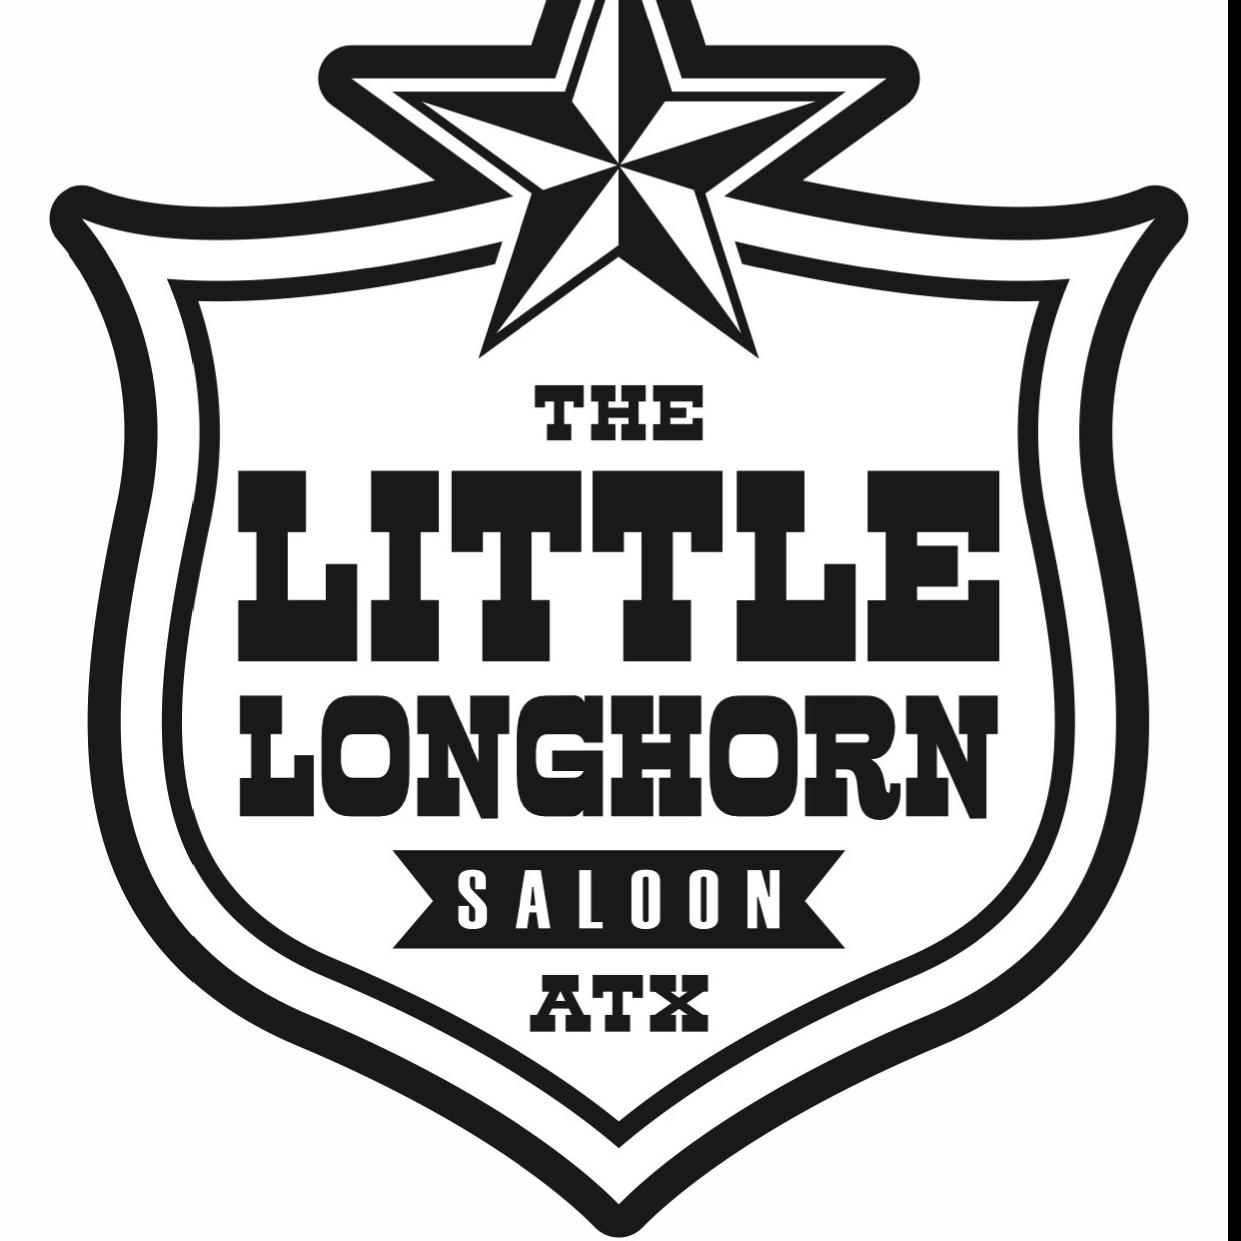 The Little Longhorn Saloon